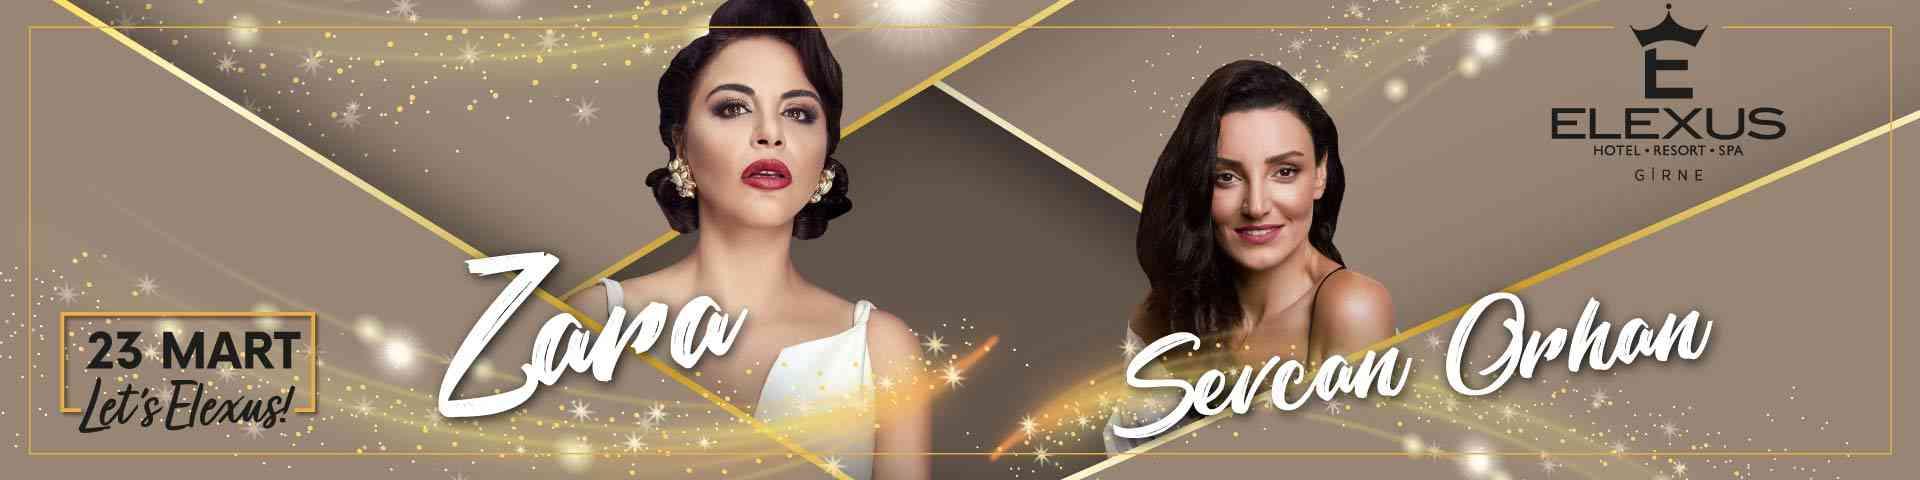 23 Mart Zara & Sevcan Orhan Konseri